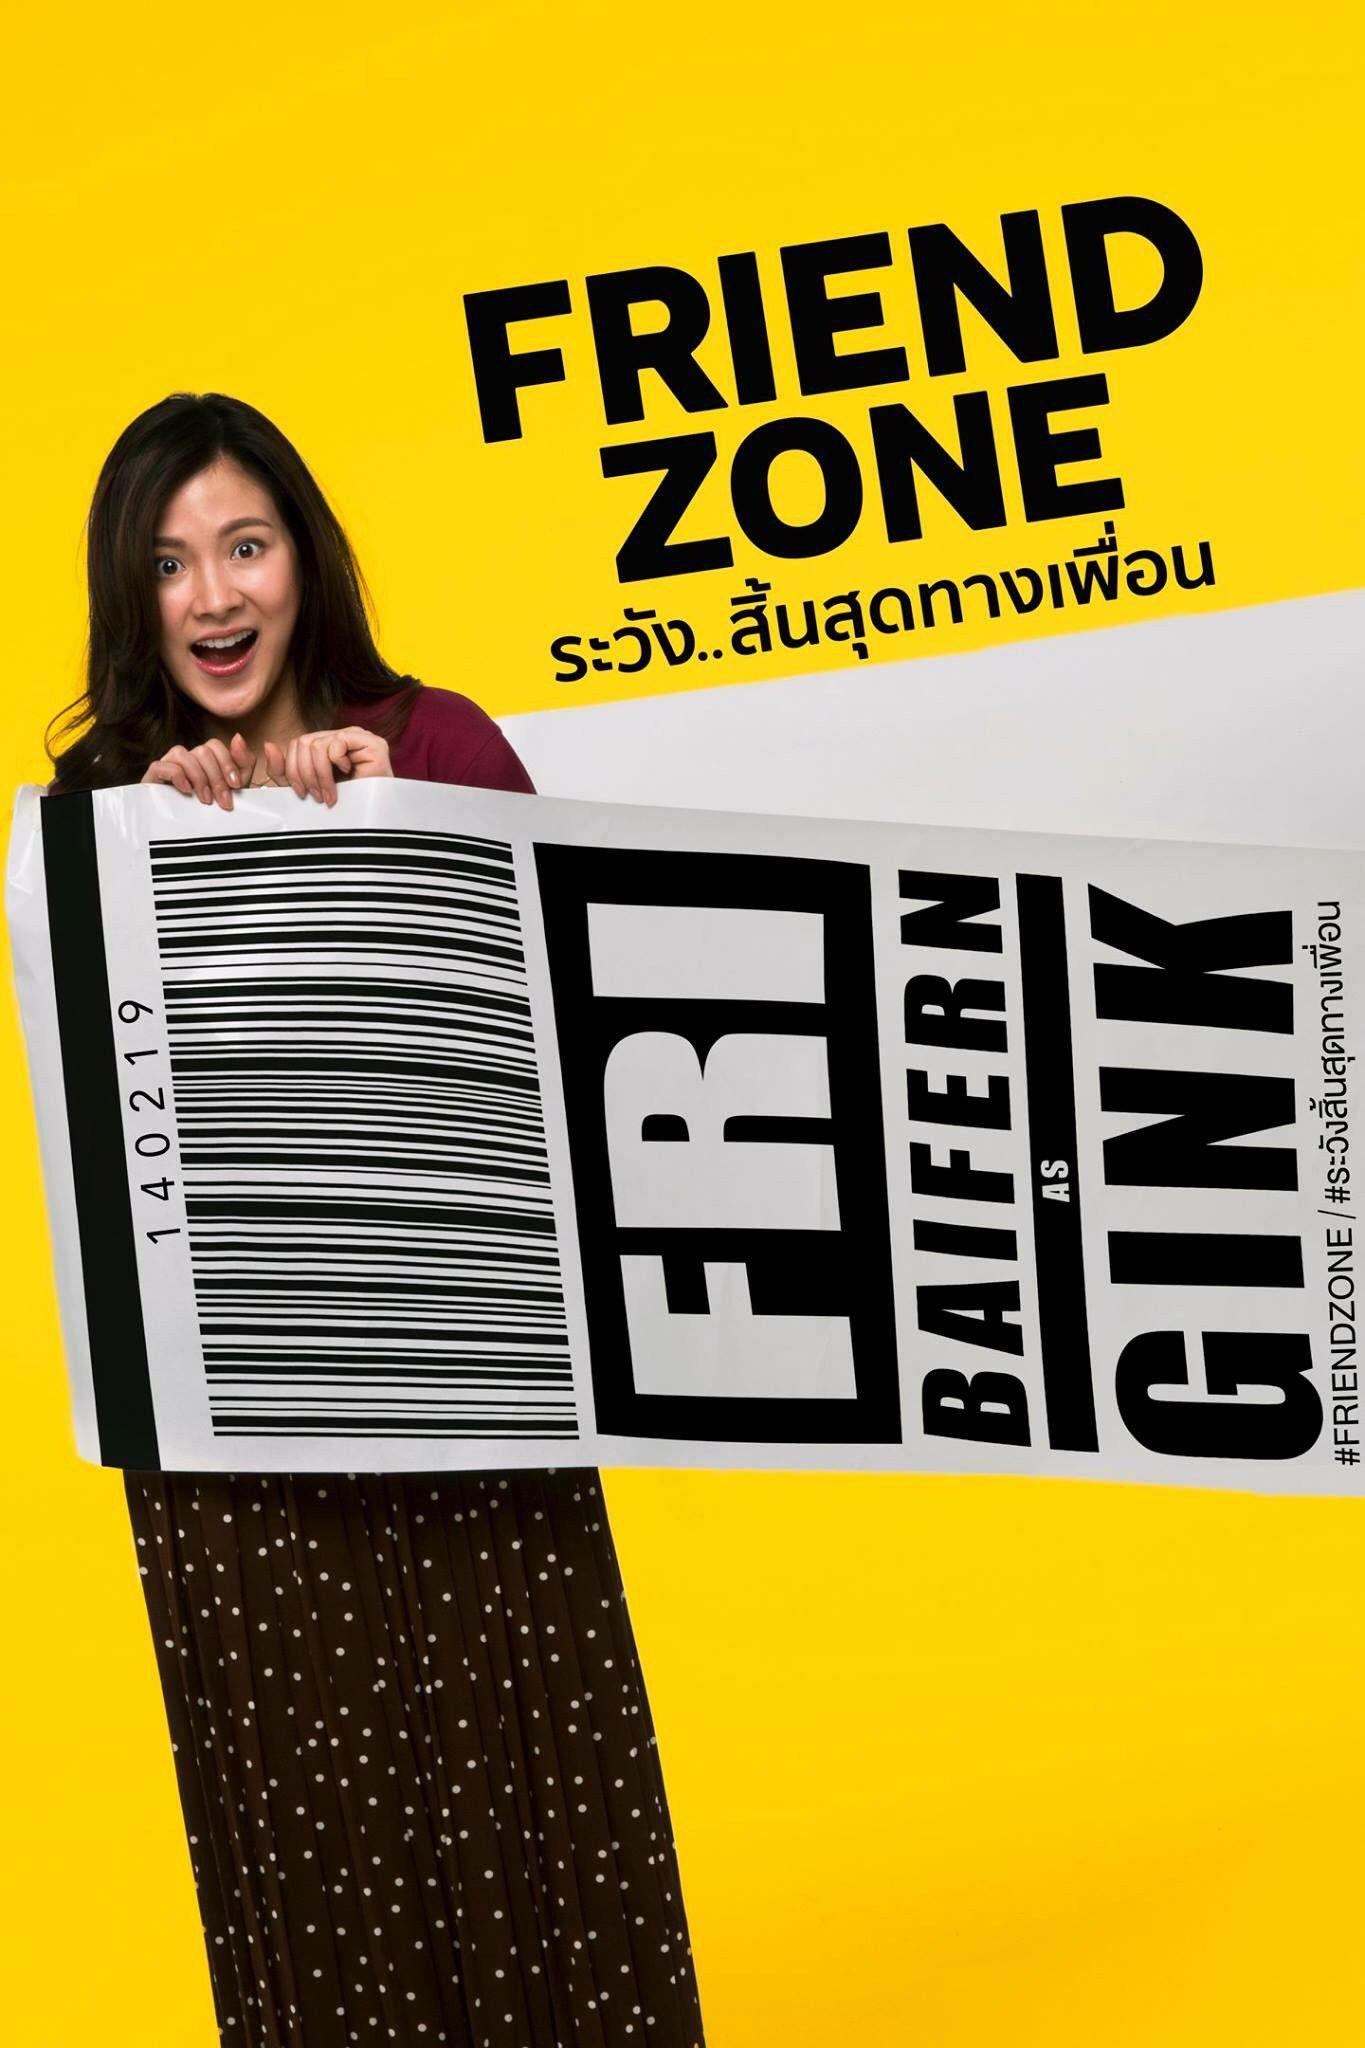 Trót yêu bạn thân, xem ngay Friend Zone để thấy mình trong đó thôi nào! (3)